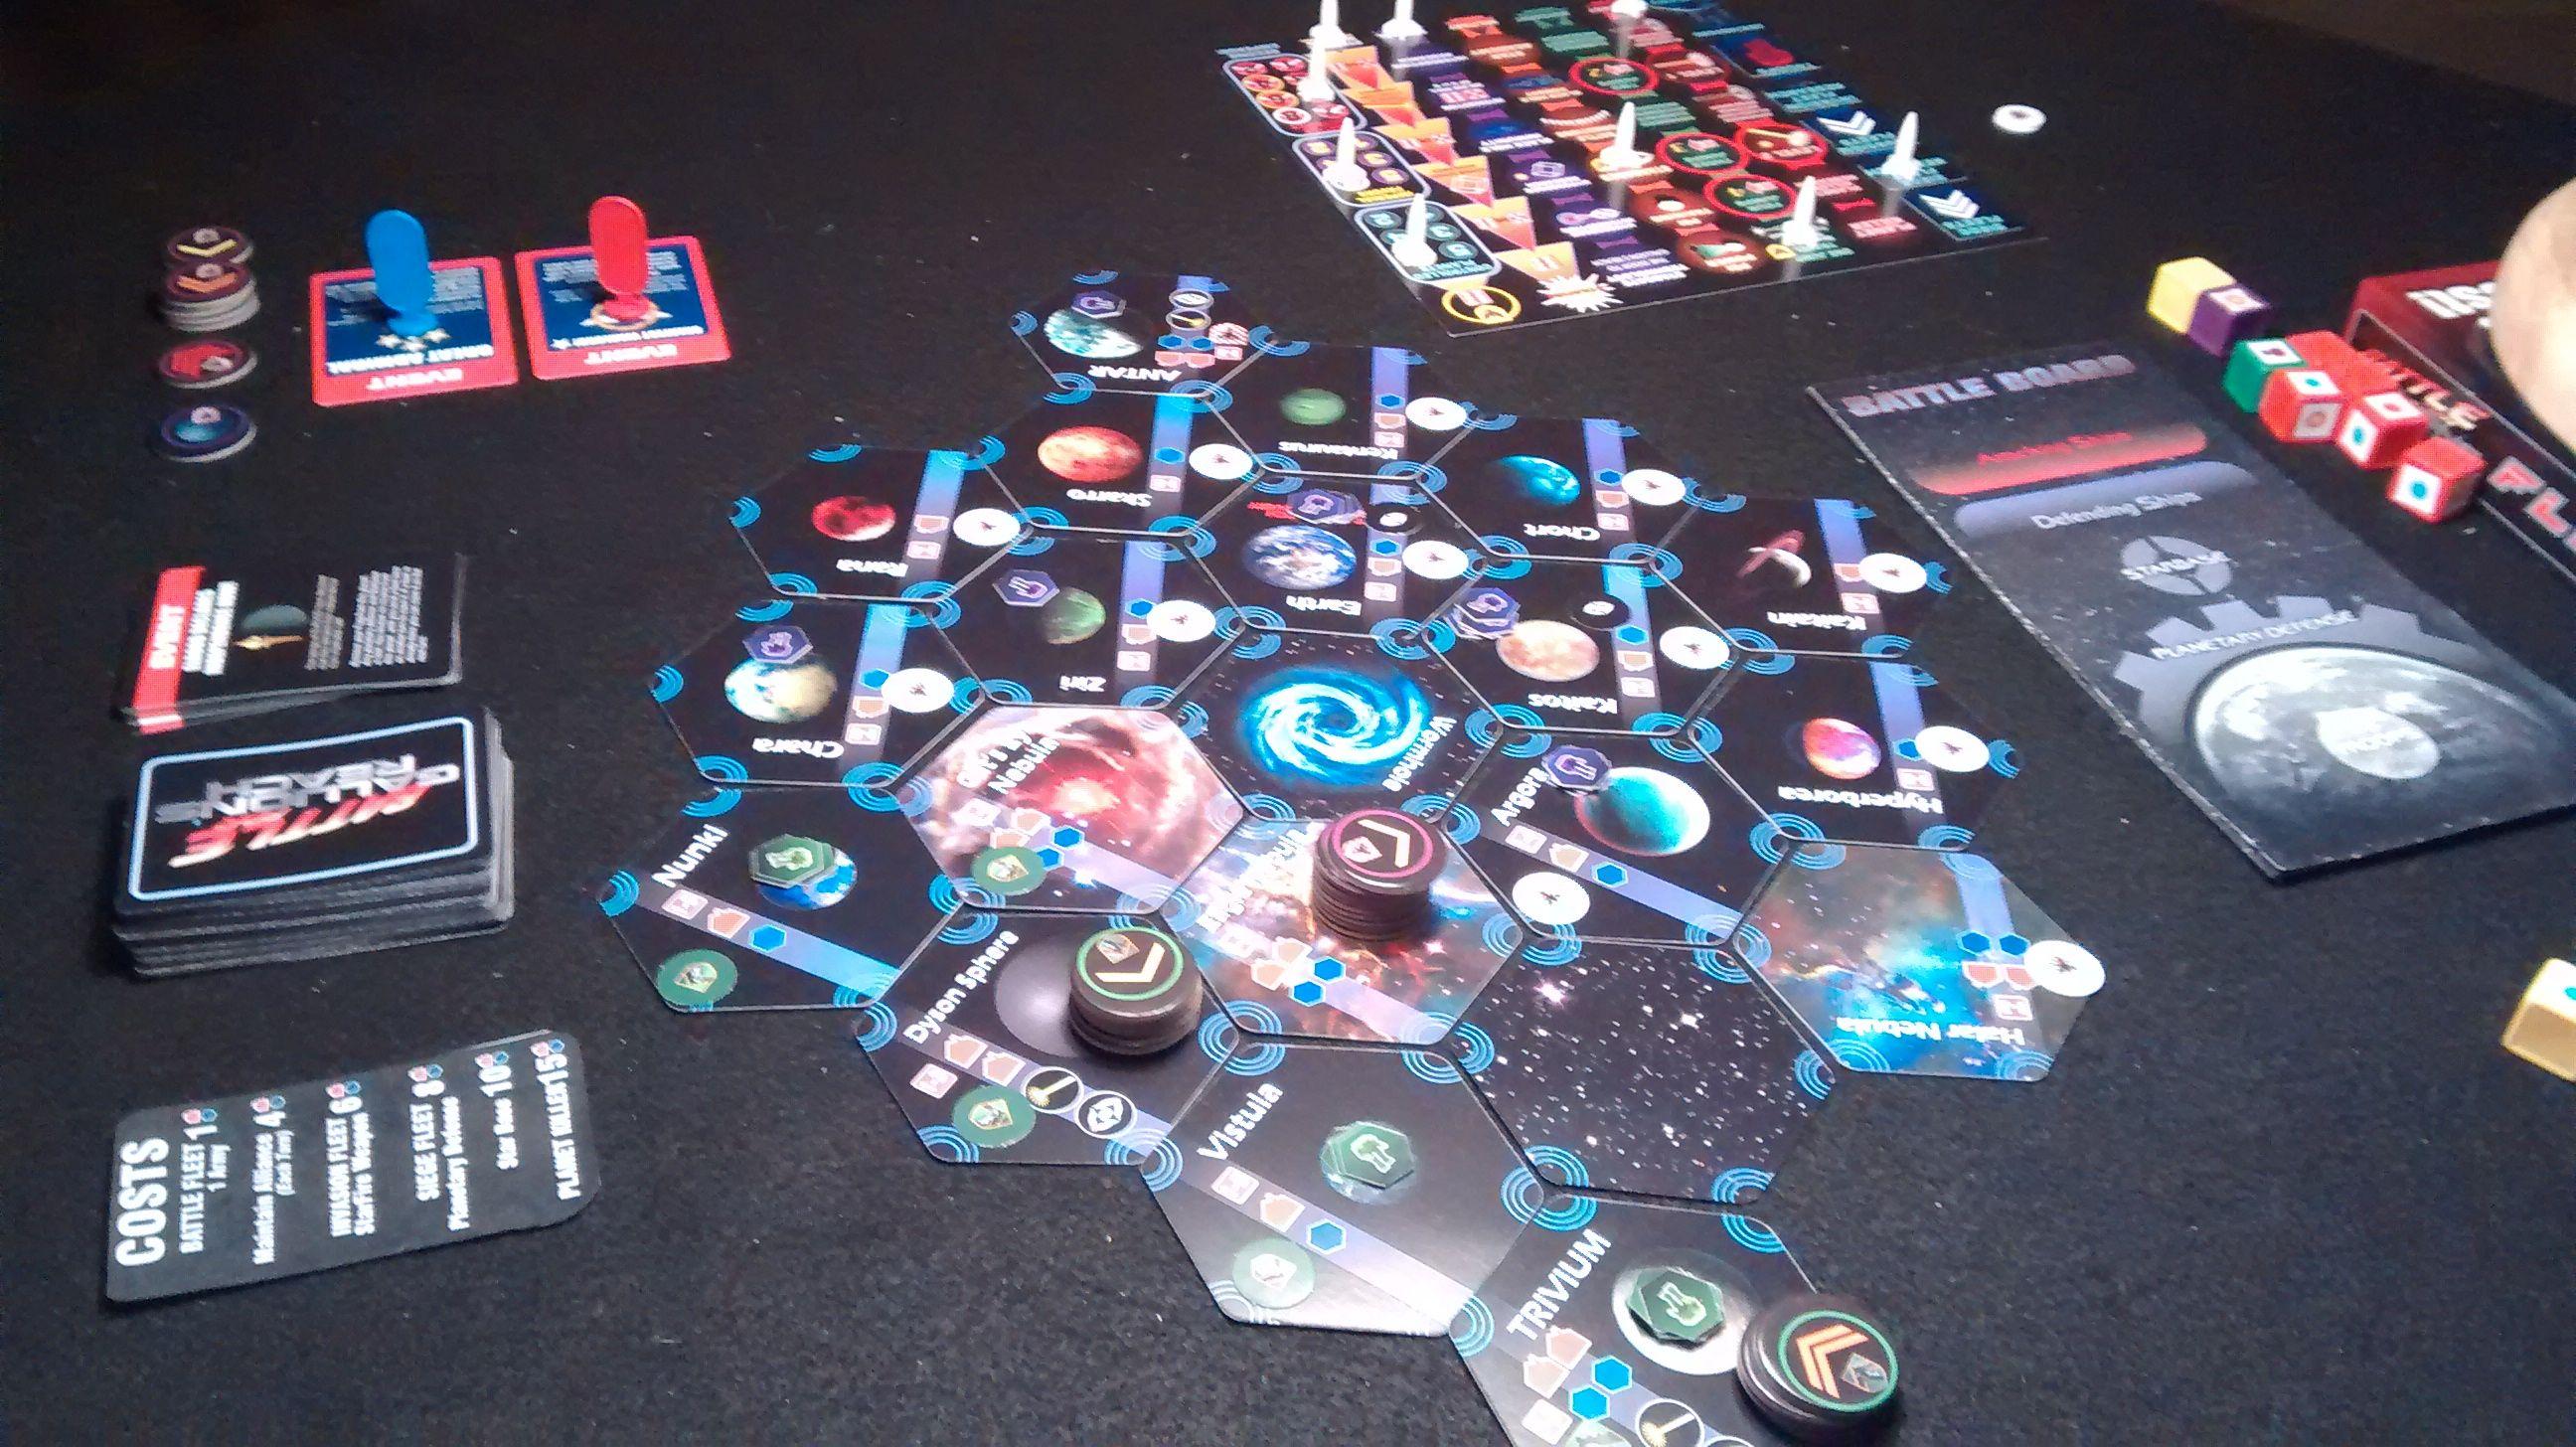 BATTLE FOR GALLION'S REACH FLEETS scifi strategy board